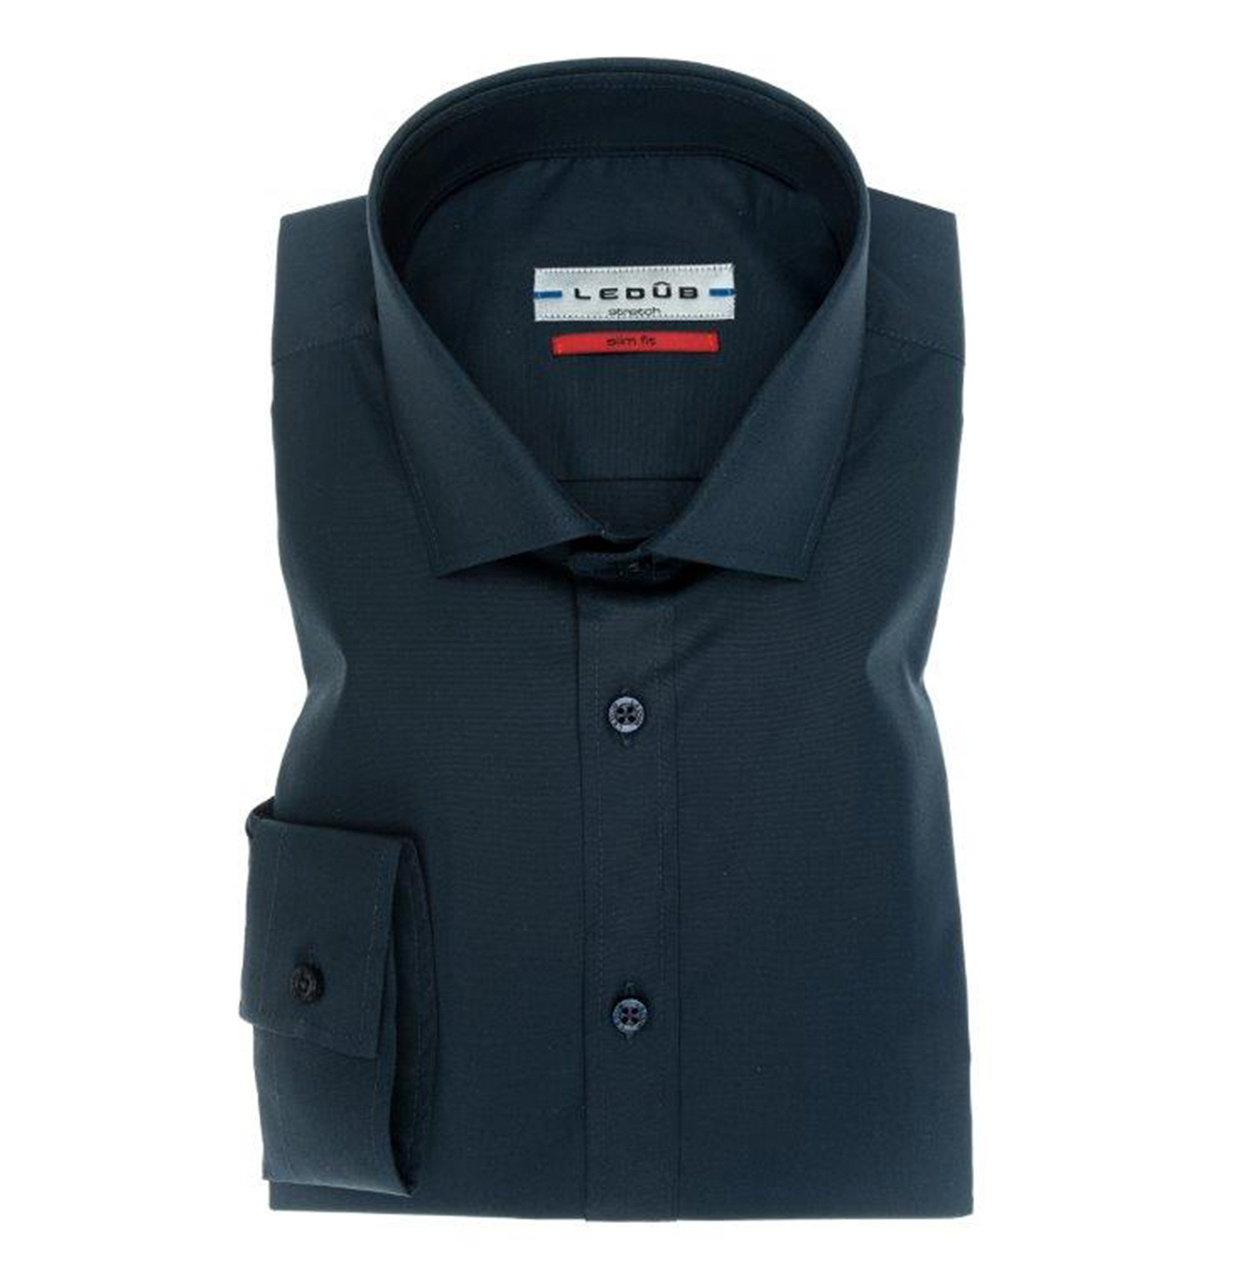 Ledub Shirt 0042510 190000 Donkerblauw 190 0042510 bleu Maat 41